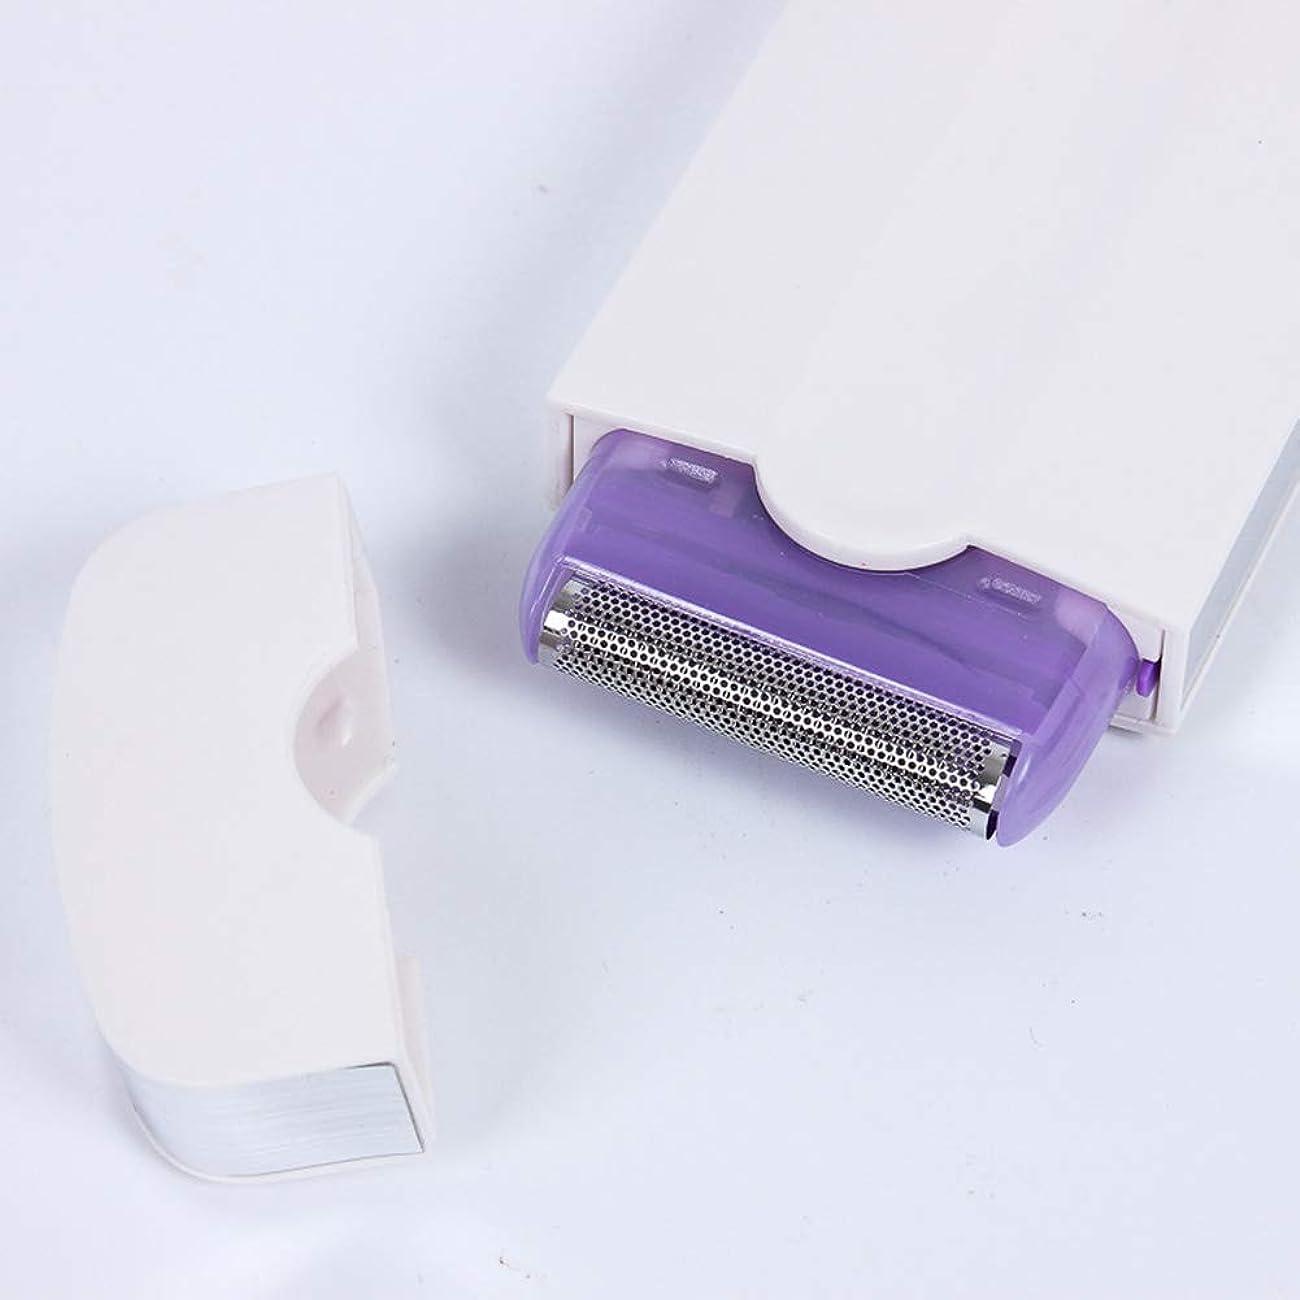 ブルーレイ誘導シェーバーレディ脱毛器レーザー痛みのない脱毛脱毛シェーバー電動脱毛器具